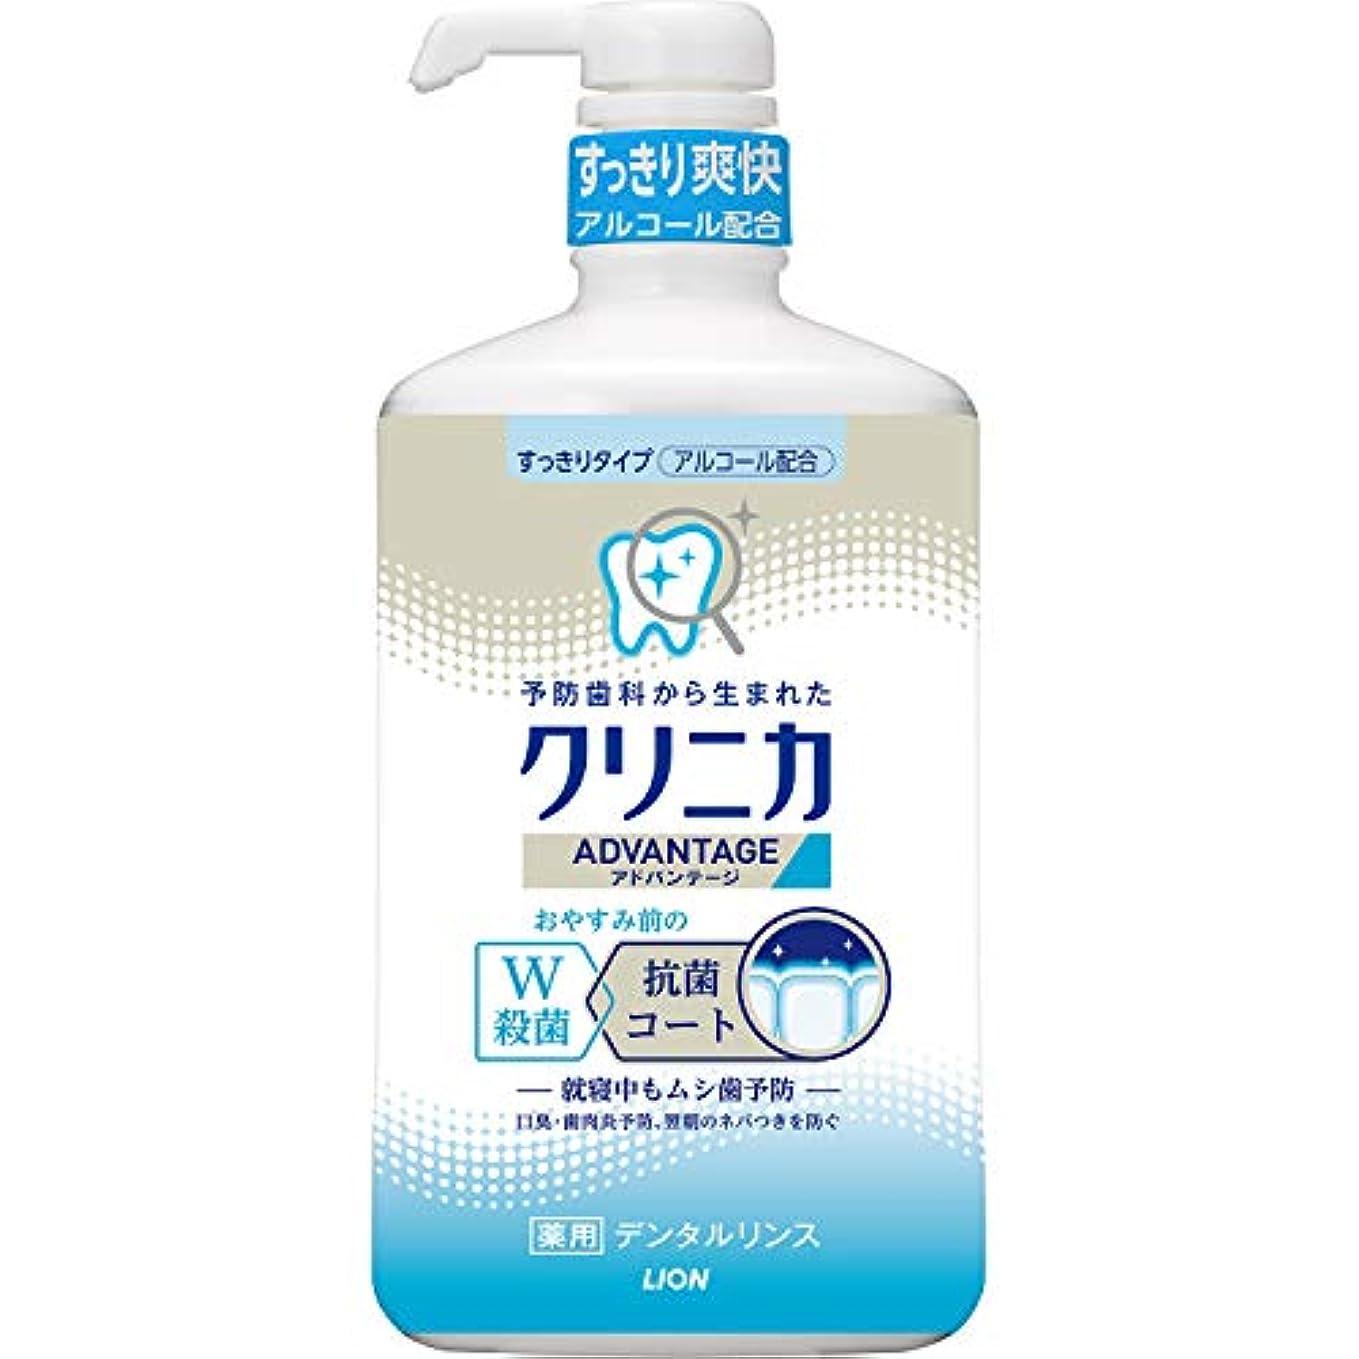 集まる根拠ソースクリニカアドバンテージ デンタルリンス すっきりタイプ(アルコール配合) 900mL 液体歯磨 (医薬部外品)